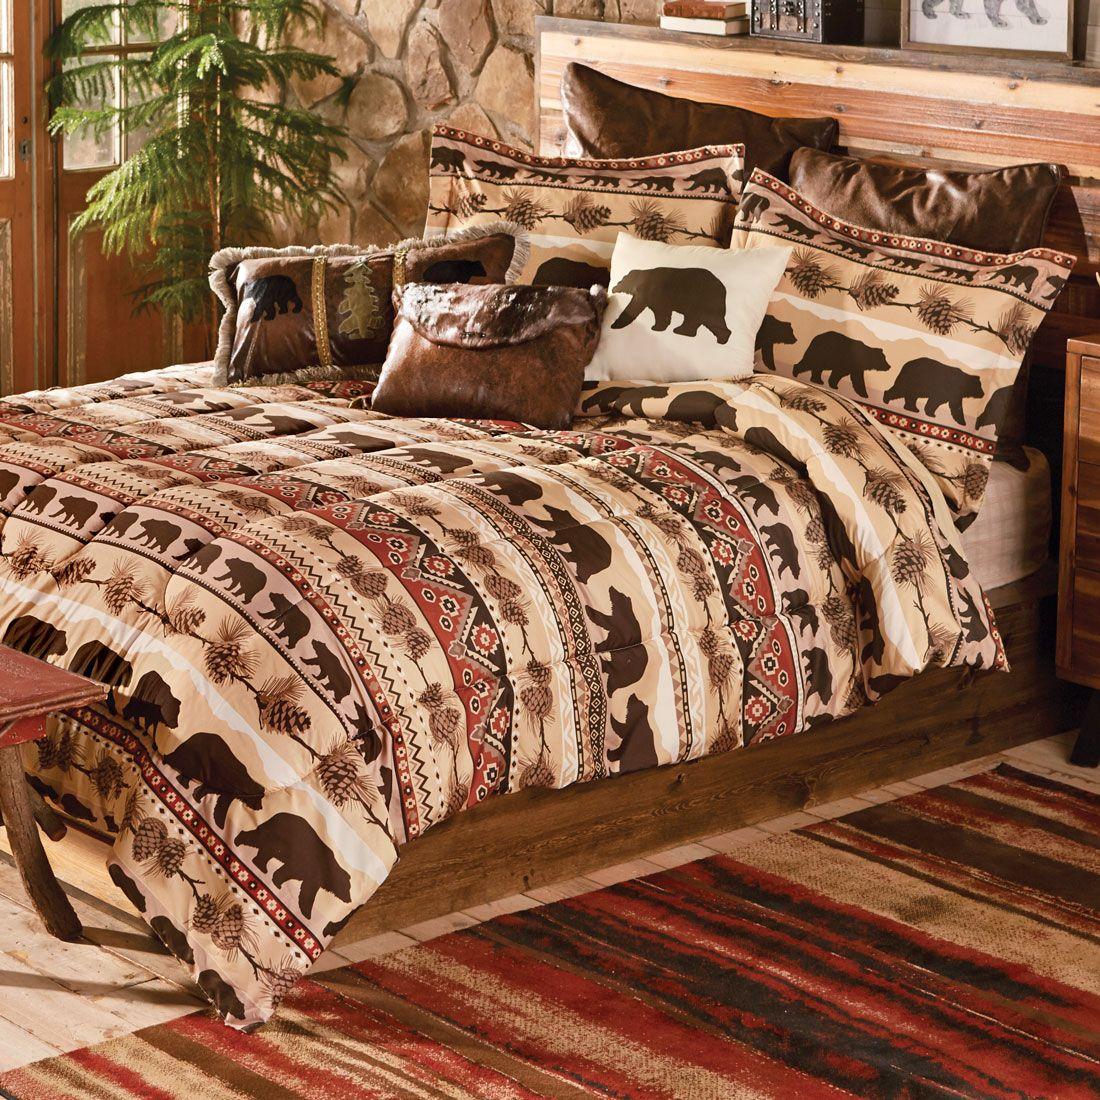 Mountainside Bear Bed Set Queen Rustic bedding, Duvet